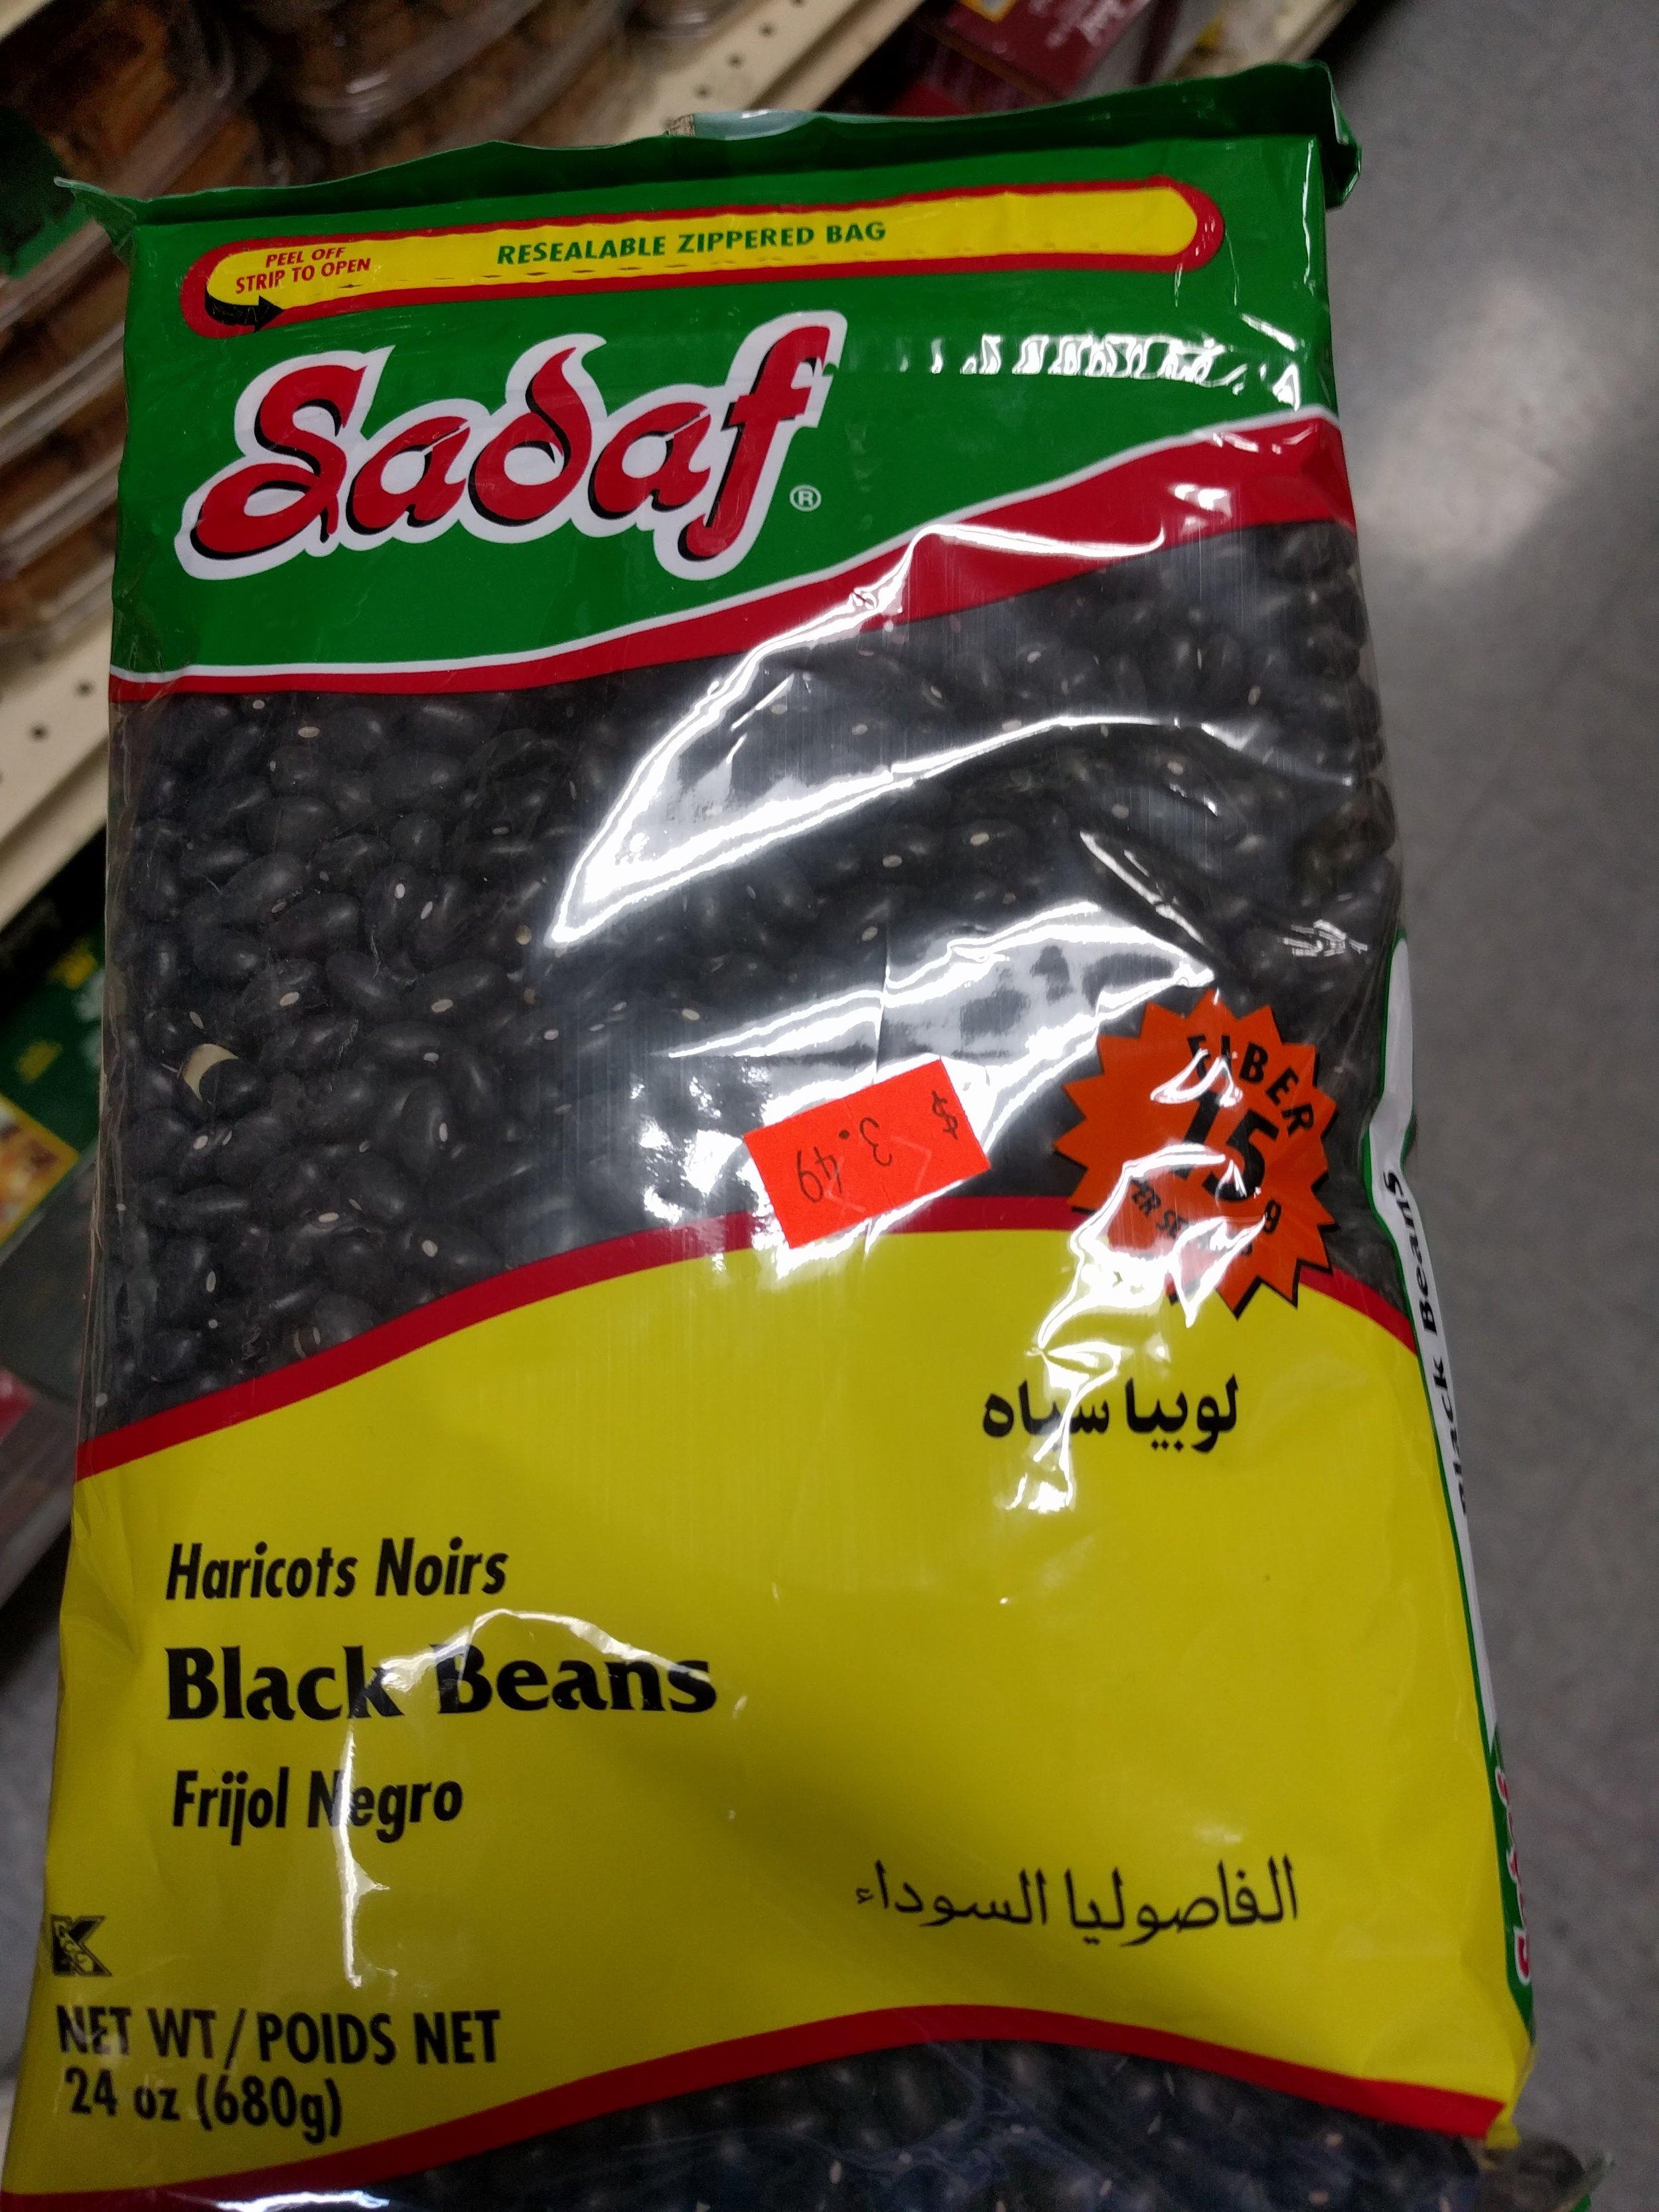 Black-beans-Pak-Halal-International-Foods-12259-W-87th-St-Pkwy-Lenexa-KS-66215.jpg